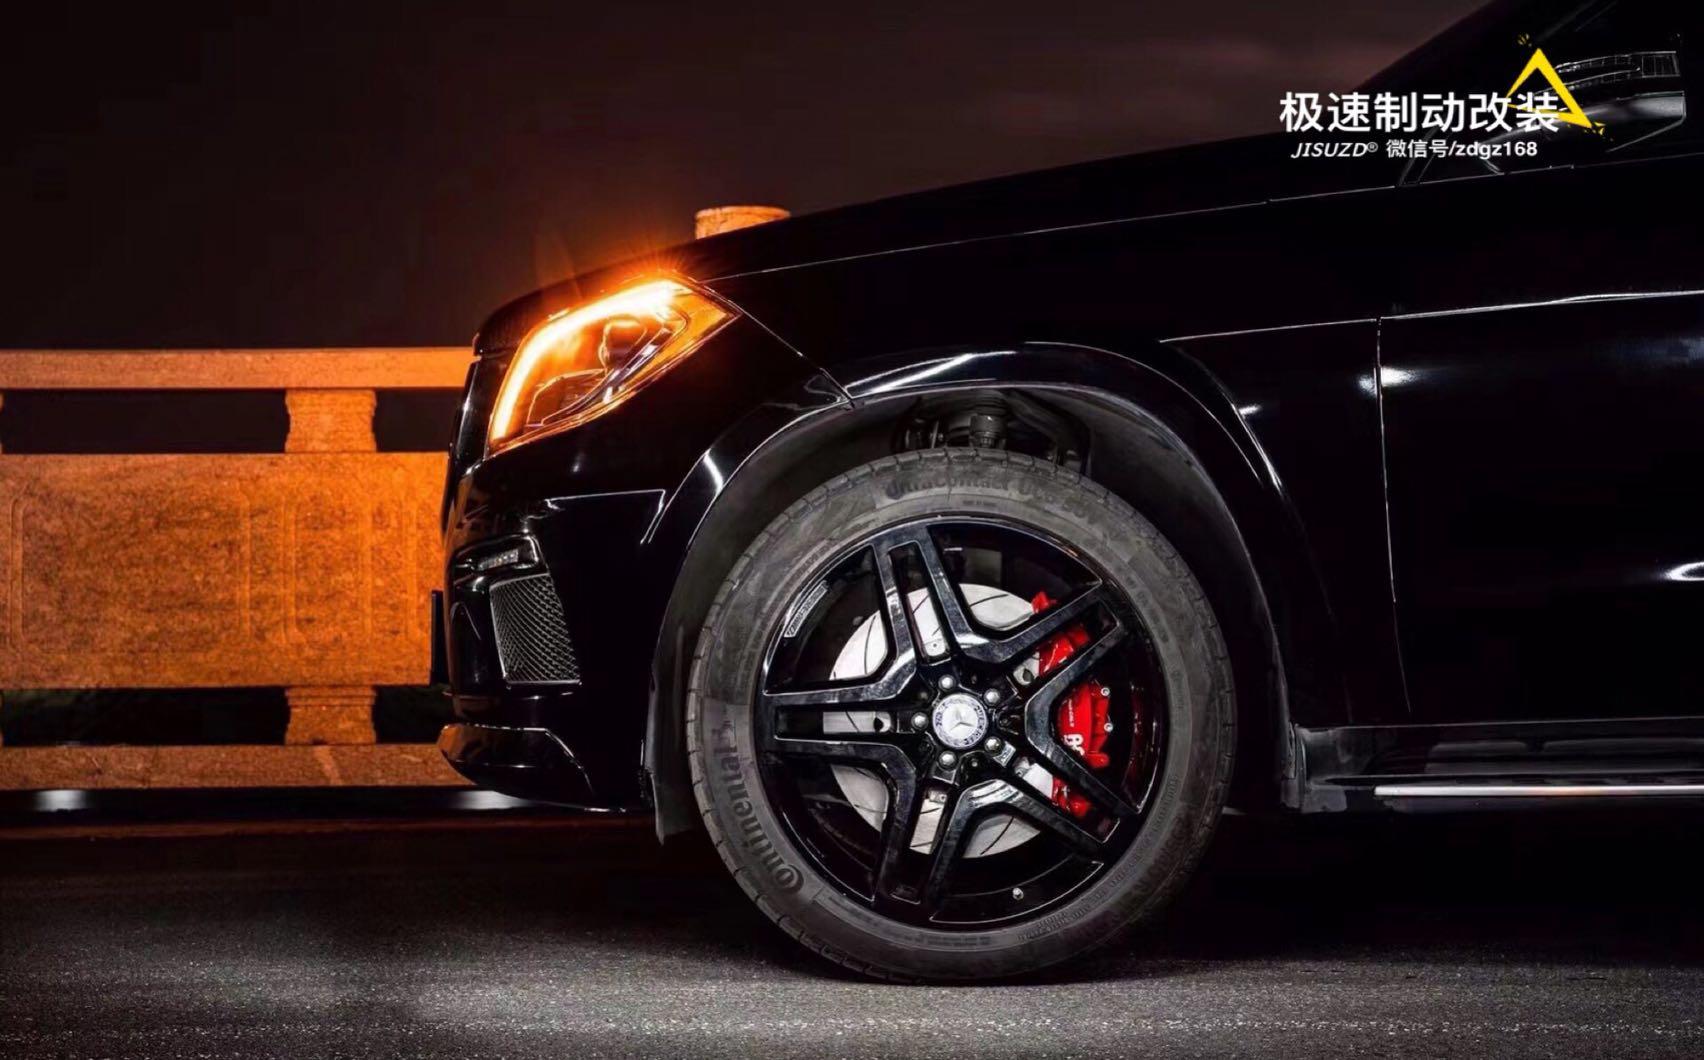 奔驰GL550  刹车升级AP9560六活塞卡钳,搭配390mm划线盘